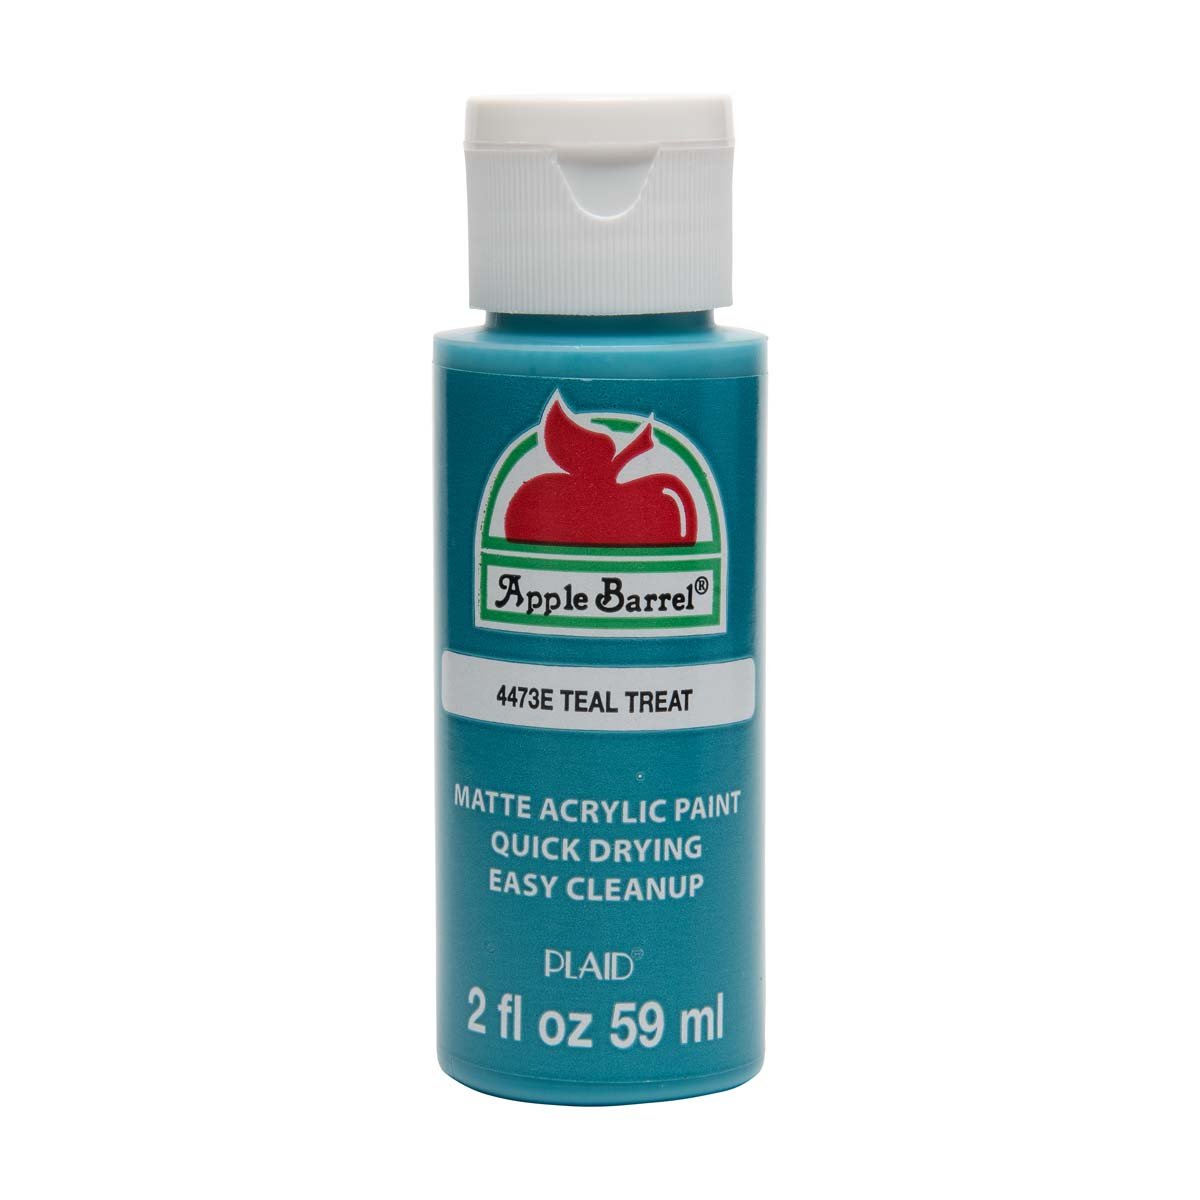 Apple Barrel ® Colors - Teal Treat, 2 oz.